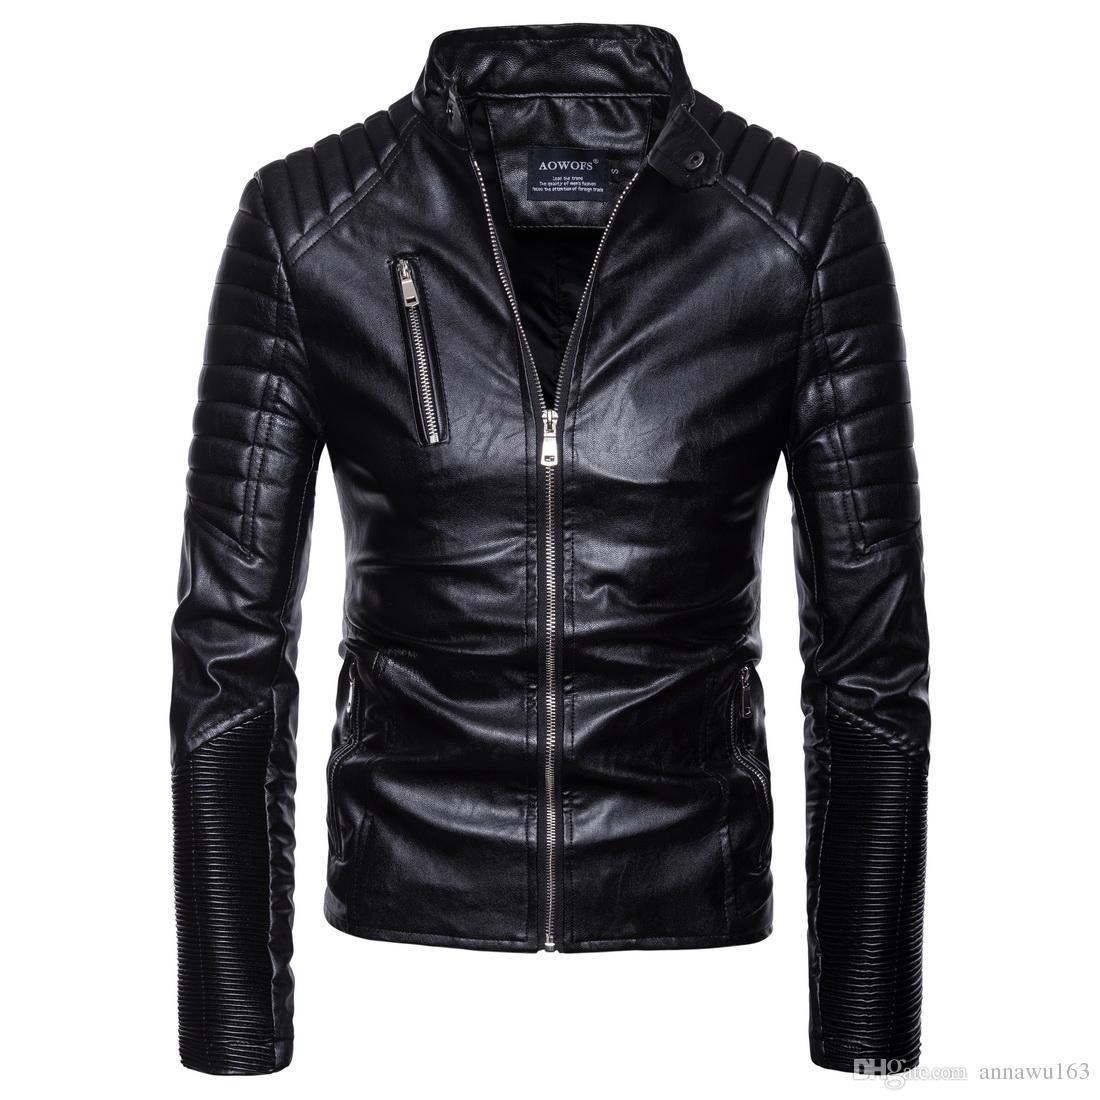 Горячая продажа Мужская PU кожаная куртка Короткие Тонкий досуг Мужской Outwear пальто высокого качества вскользь куртка мотоцикла Europe Размер S-2XL